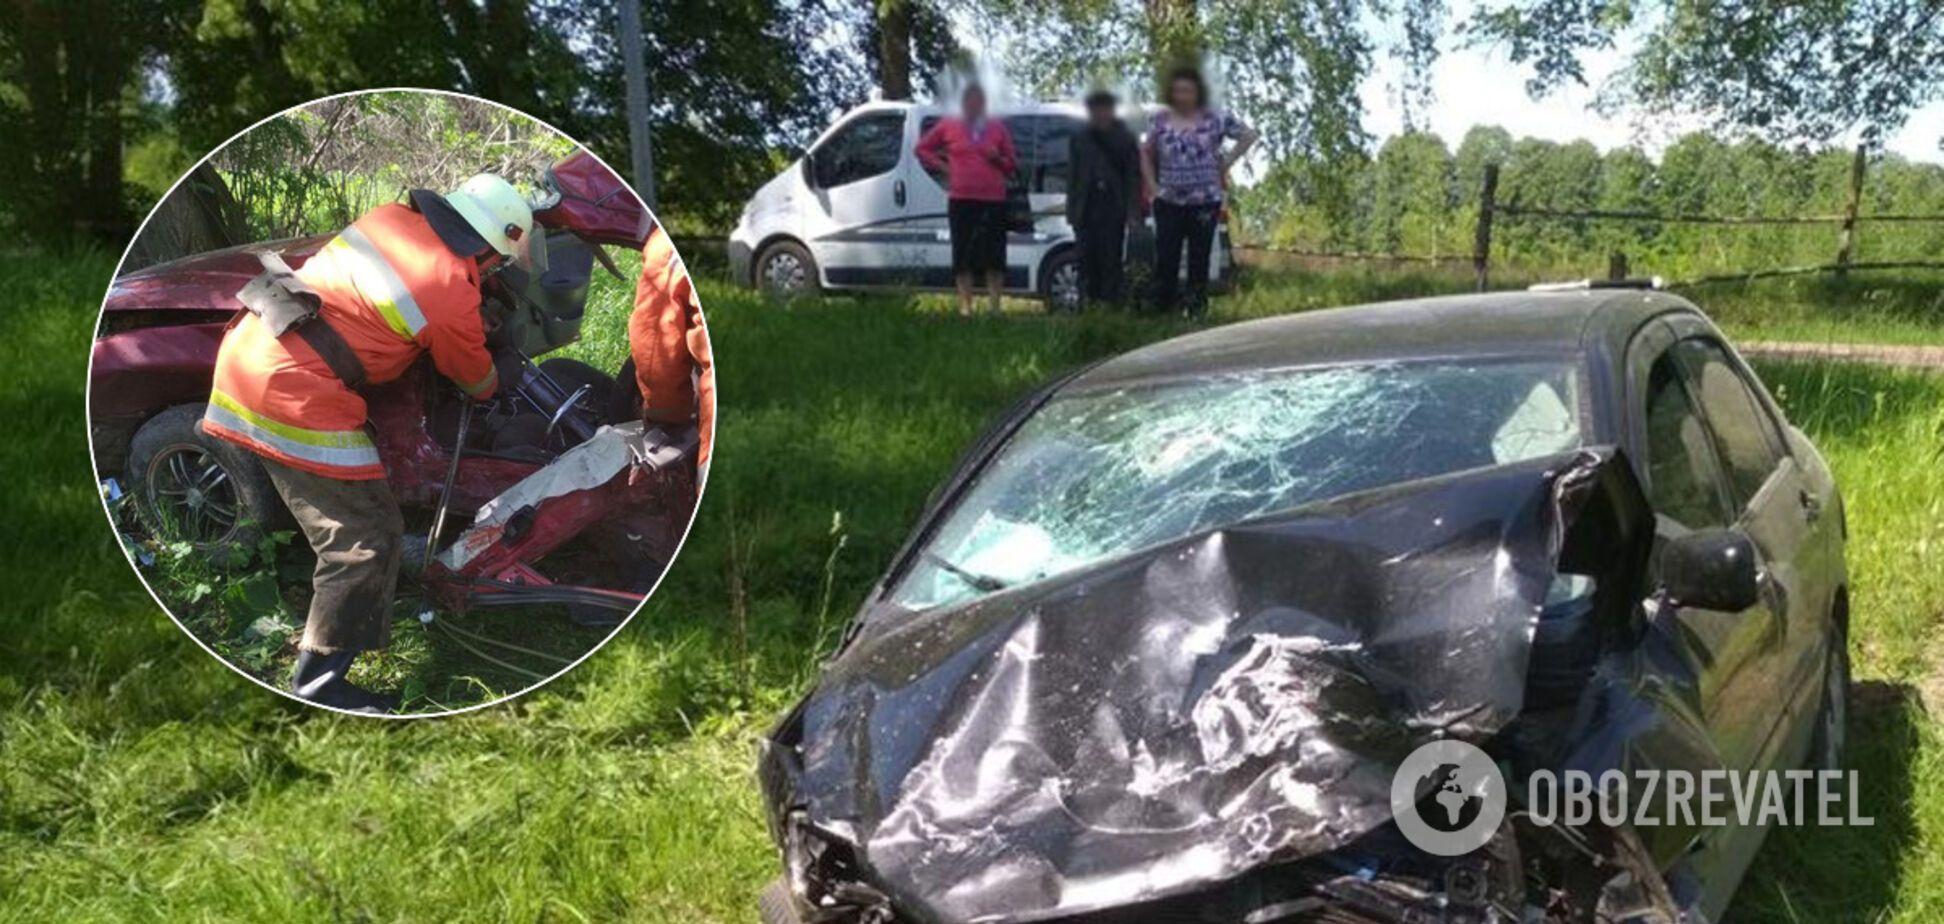 На Житомирщине в жестком ДТП погибли трое взрослых и младенец. Фото с места аварии